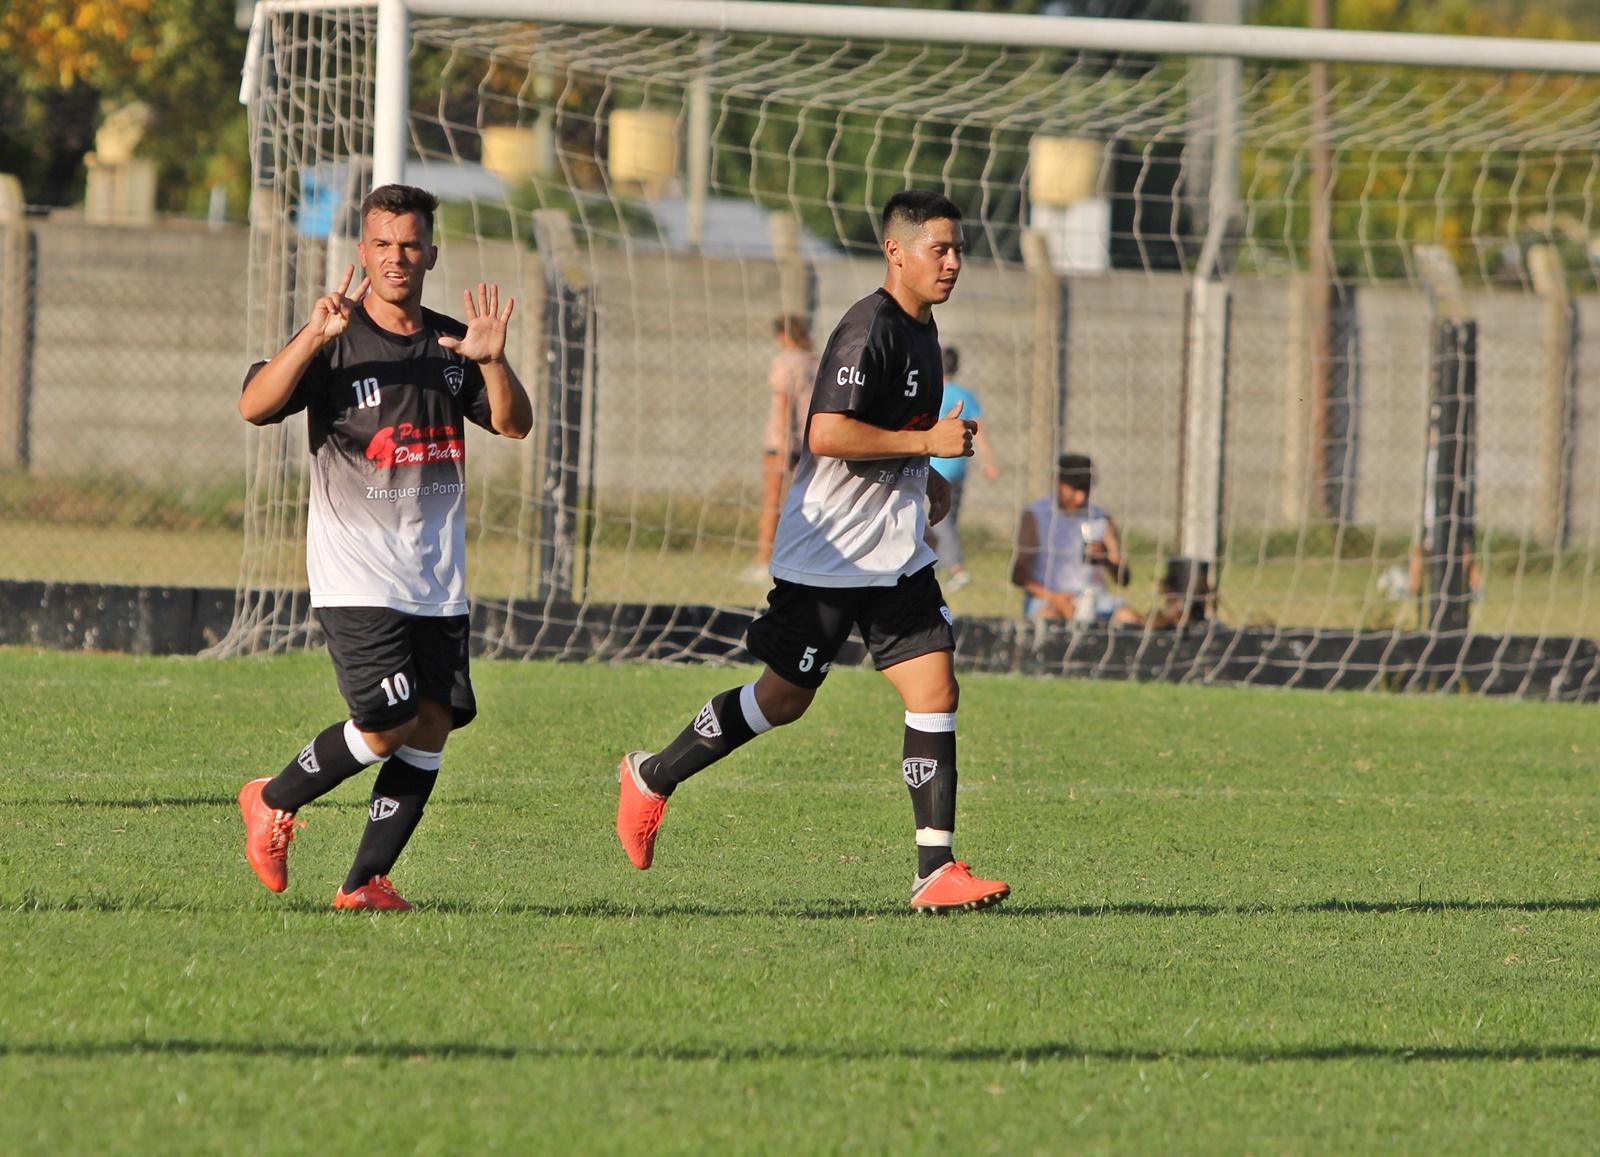 Liga Pampeana: Se juega la 5ta fecha con el clásico de Realicó jugándose en General Pico